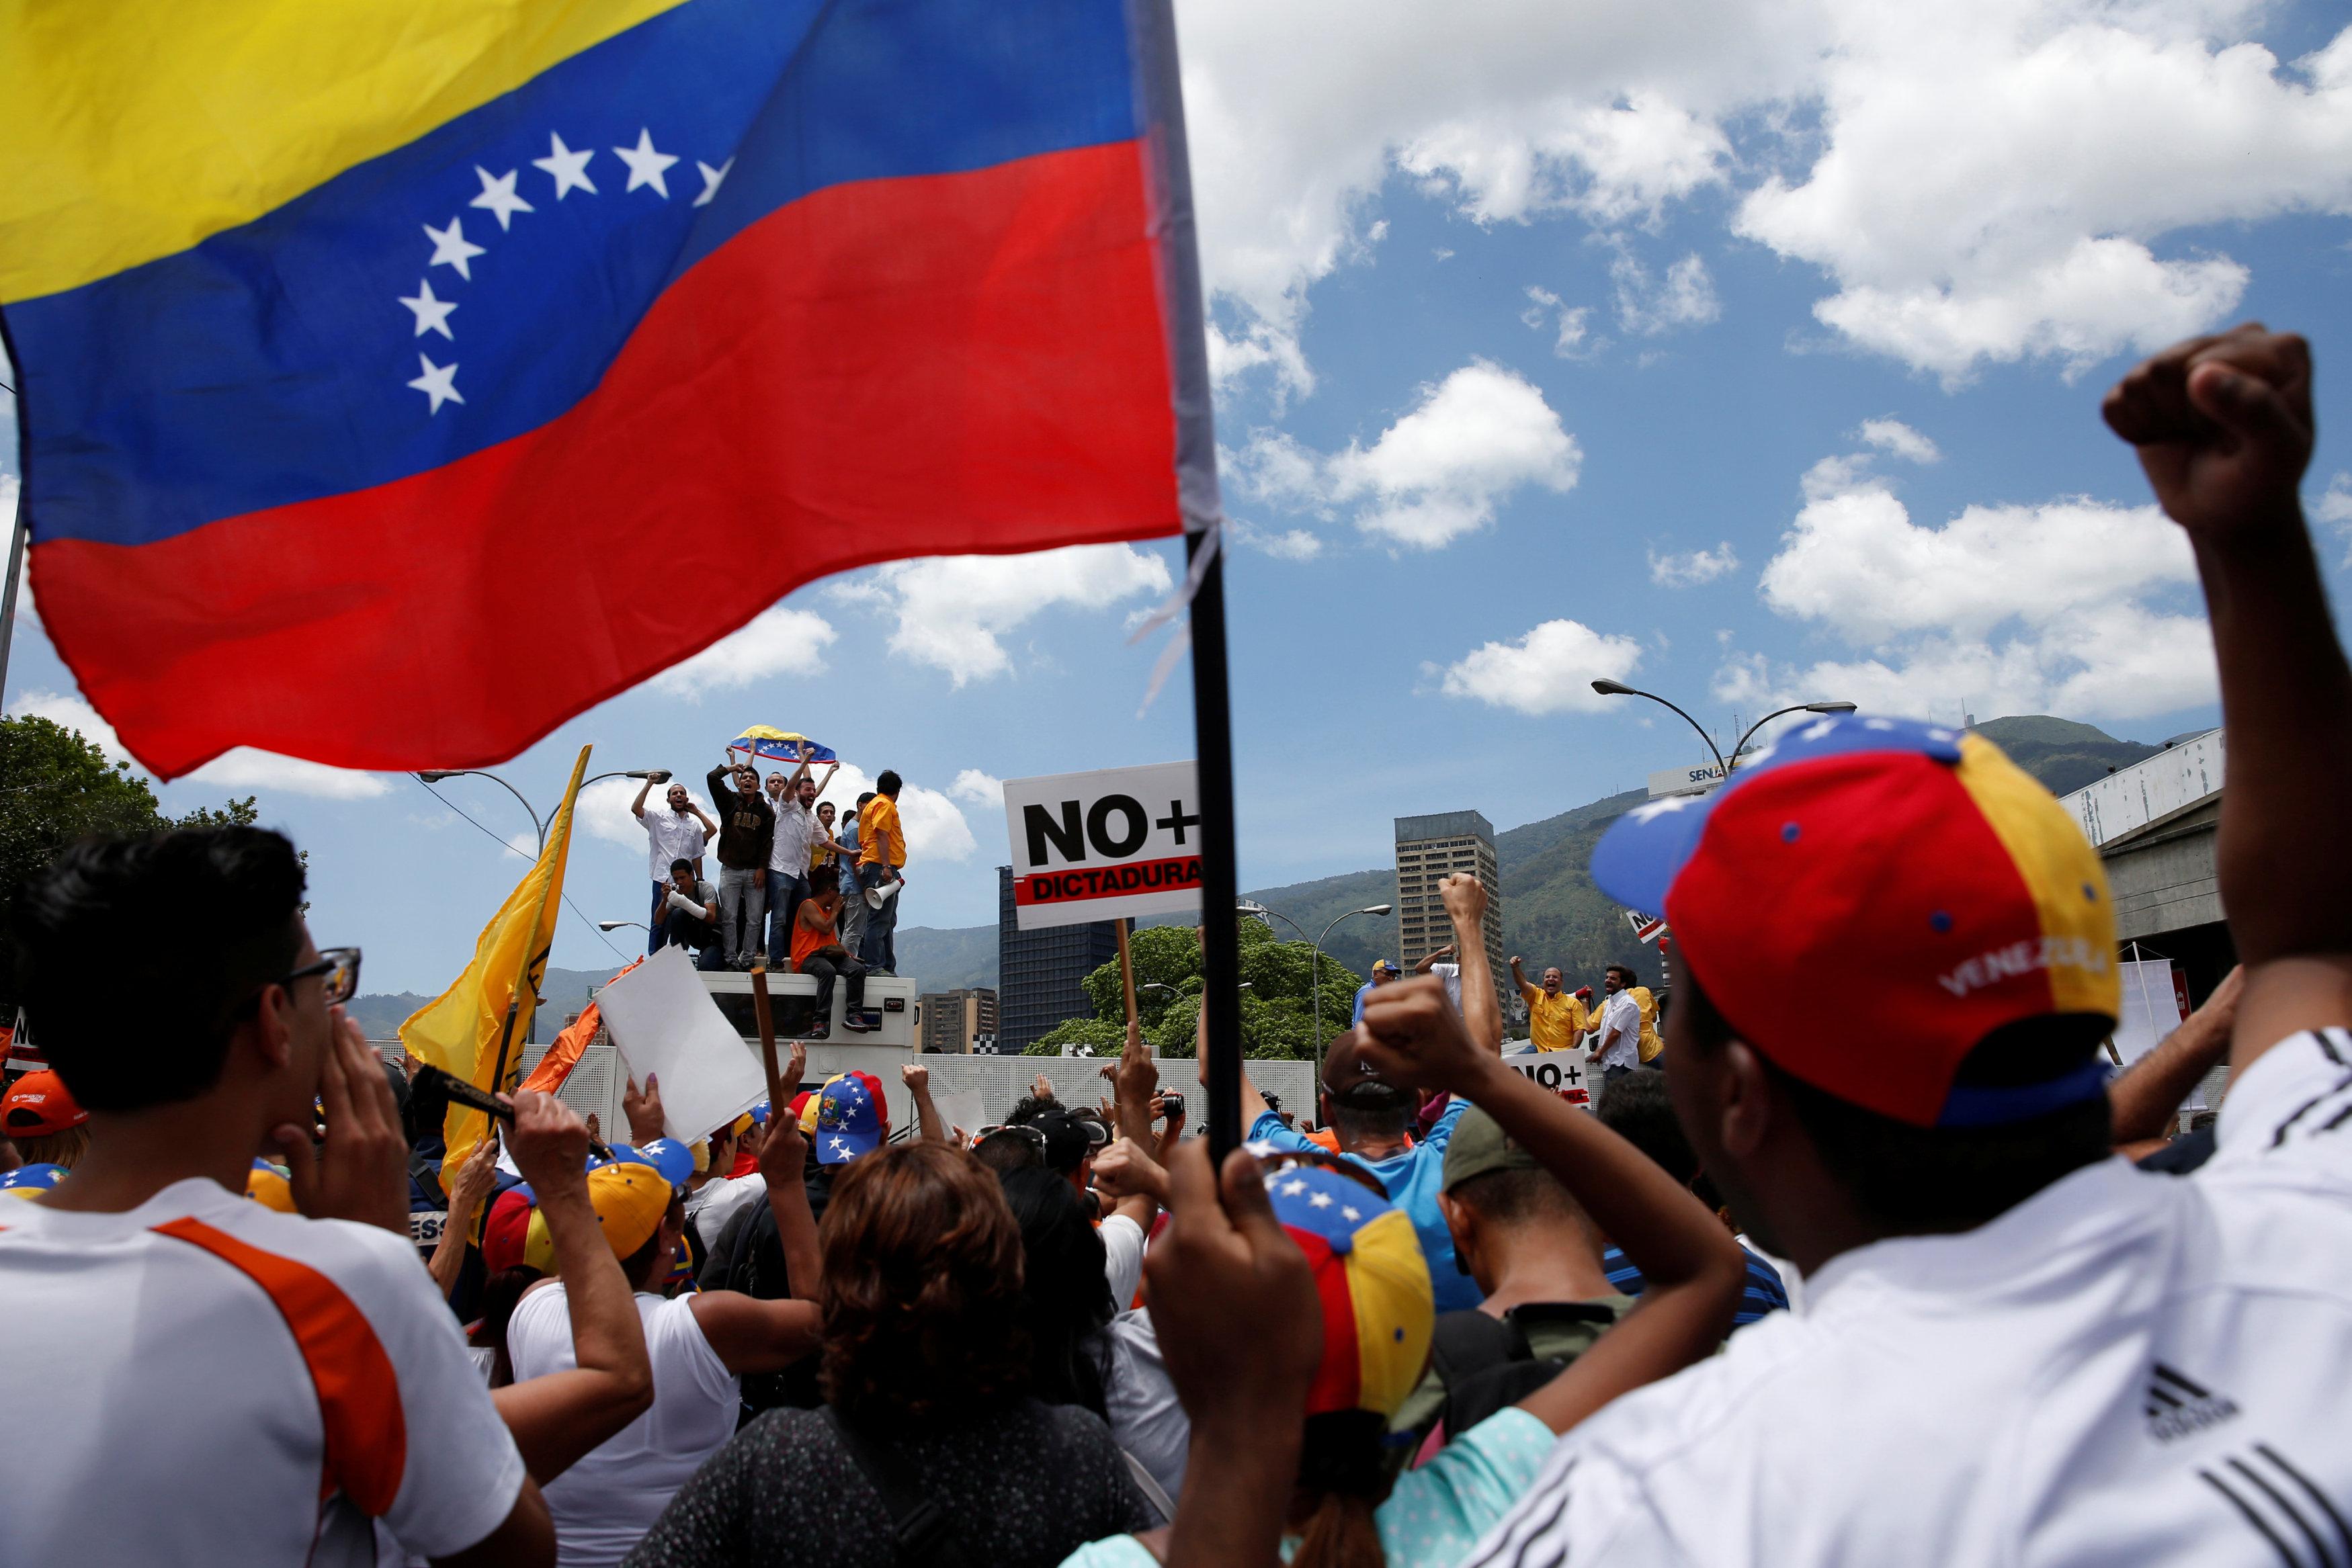 El pueblo salió a las calles para respaldar a la AN. REUTERS/Carlos Garcia Rawlins